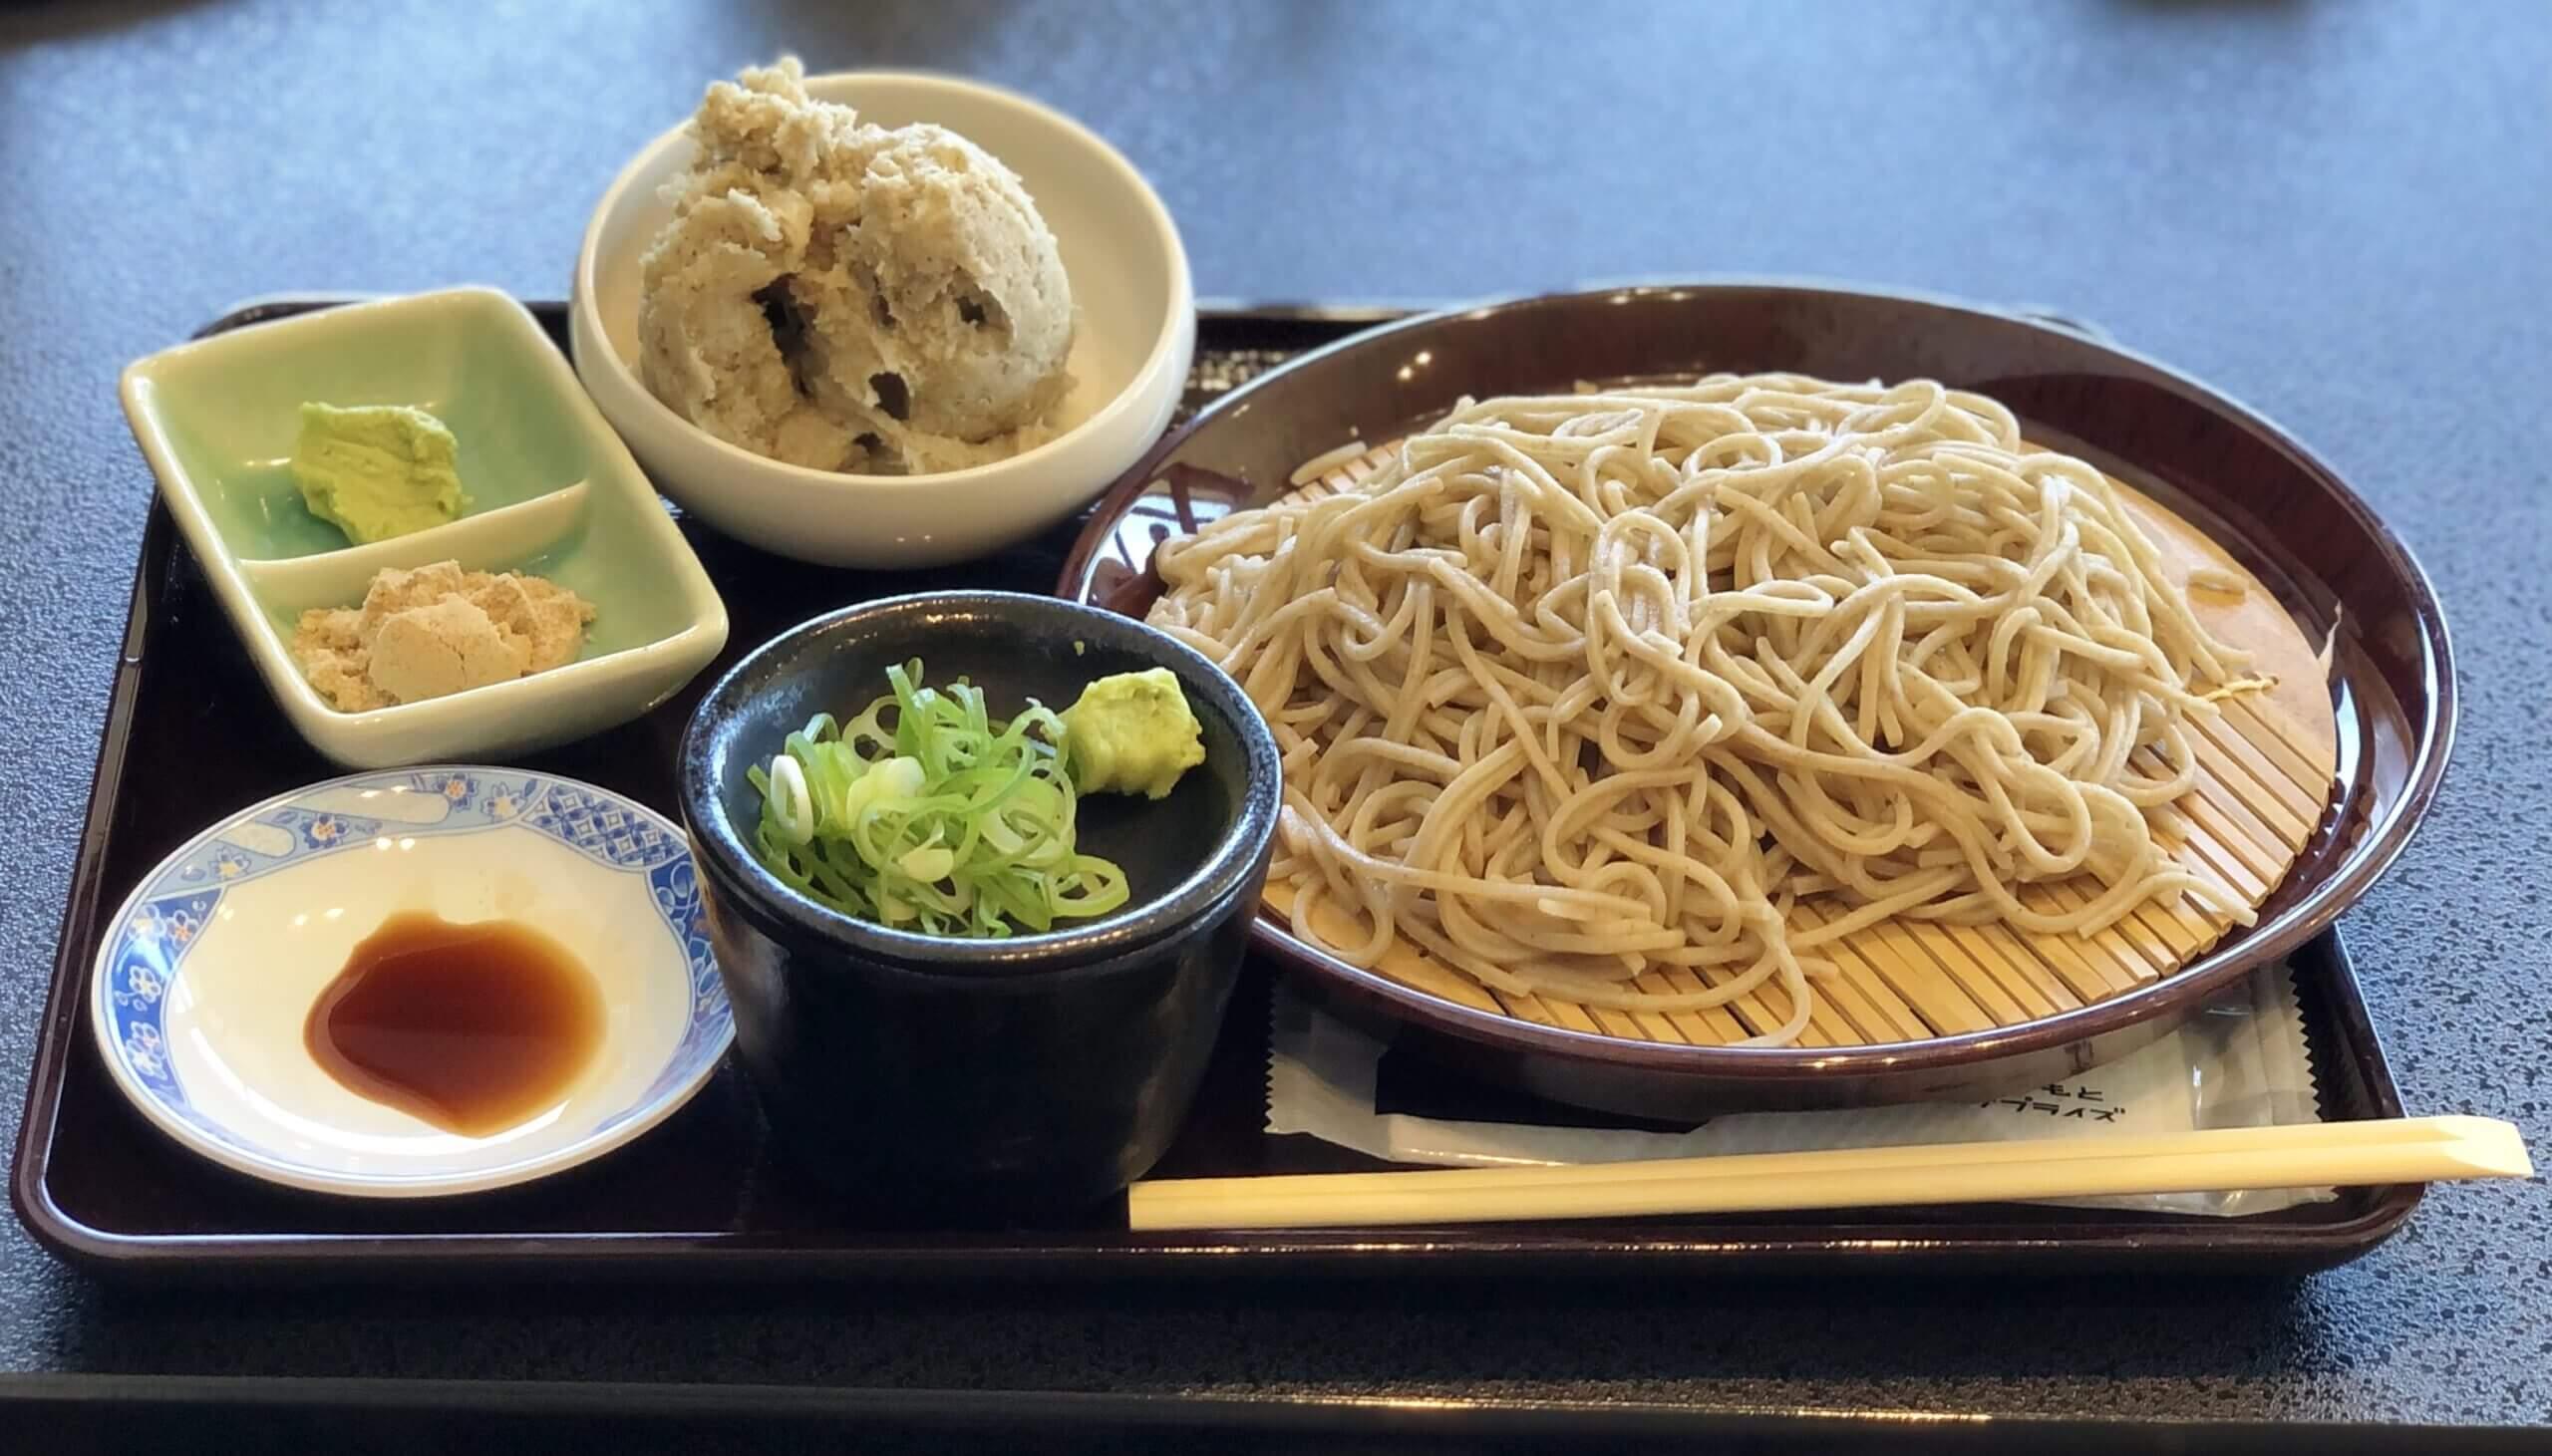 【そば道場】阿蘇の絶景を見ながらお手頃価格で食べれる本格お蕎麦屋さん!《阿蘇郡南阿蘇村久石》